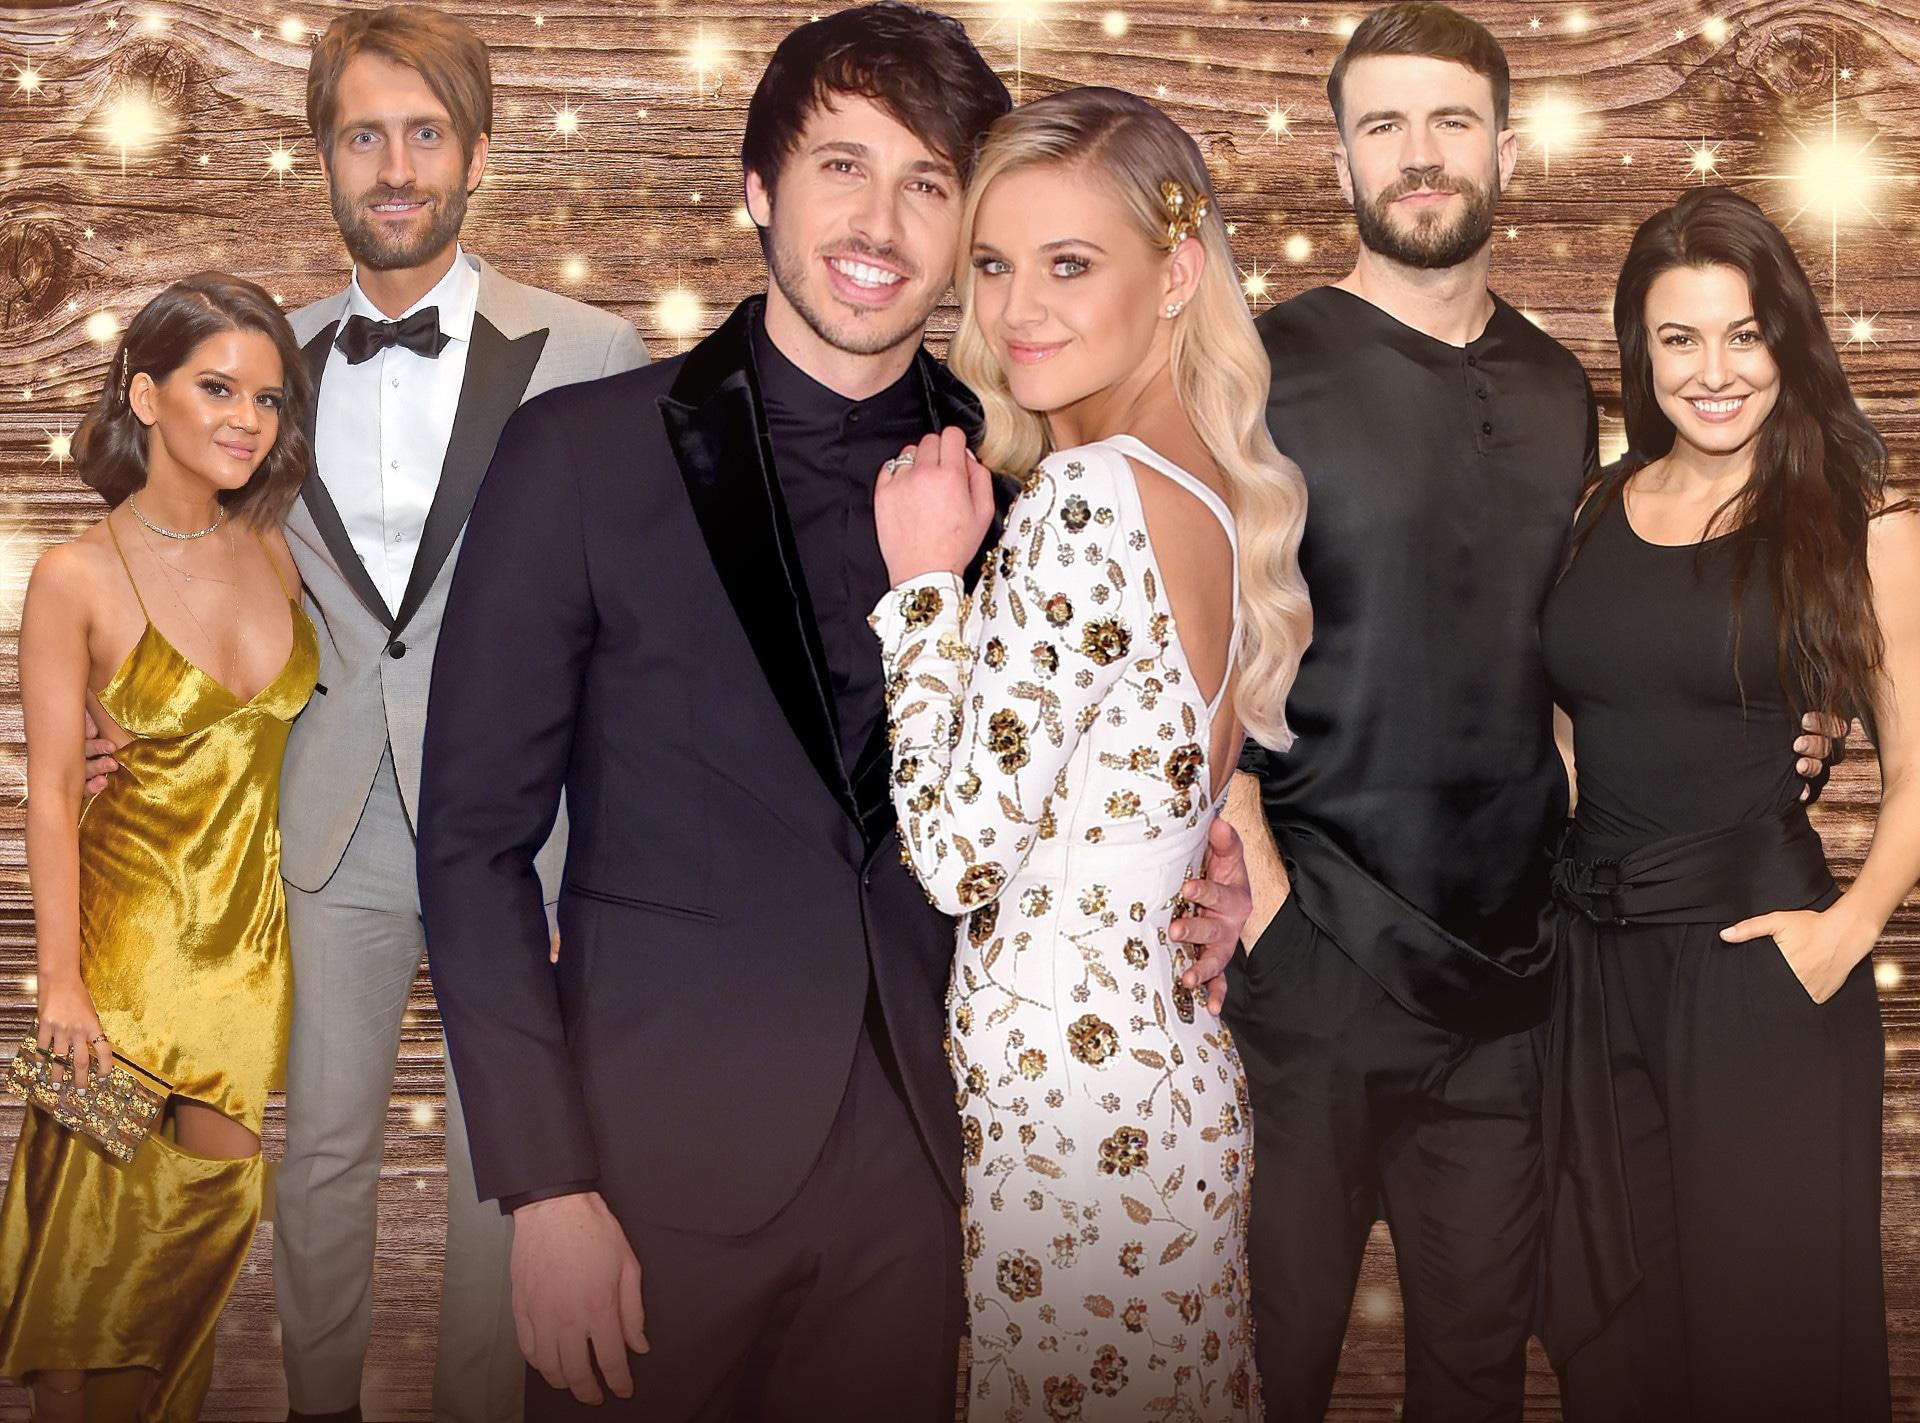 ACM Awards, Couples, Kelsea Ballerini, Morgan Evans, Maren Morris, Ryan Hurd, Sam Hunt, Hannah Lee Fowler